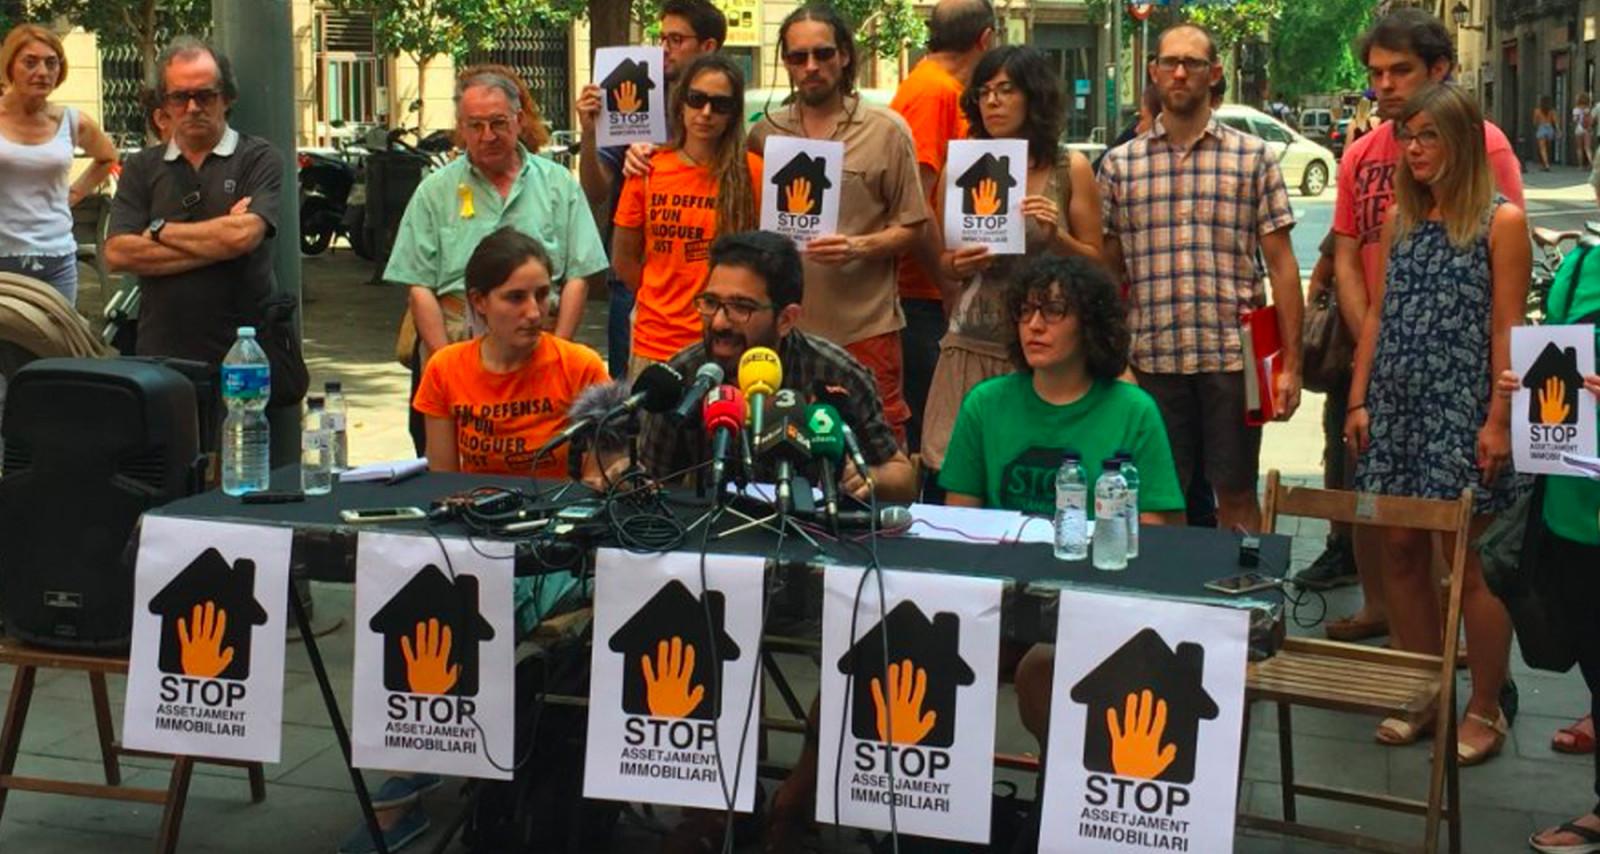 Stop Mobbing Inmobiliari